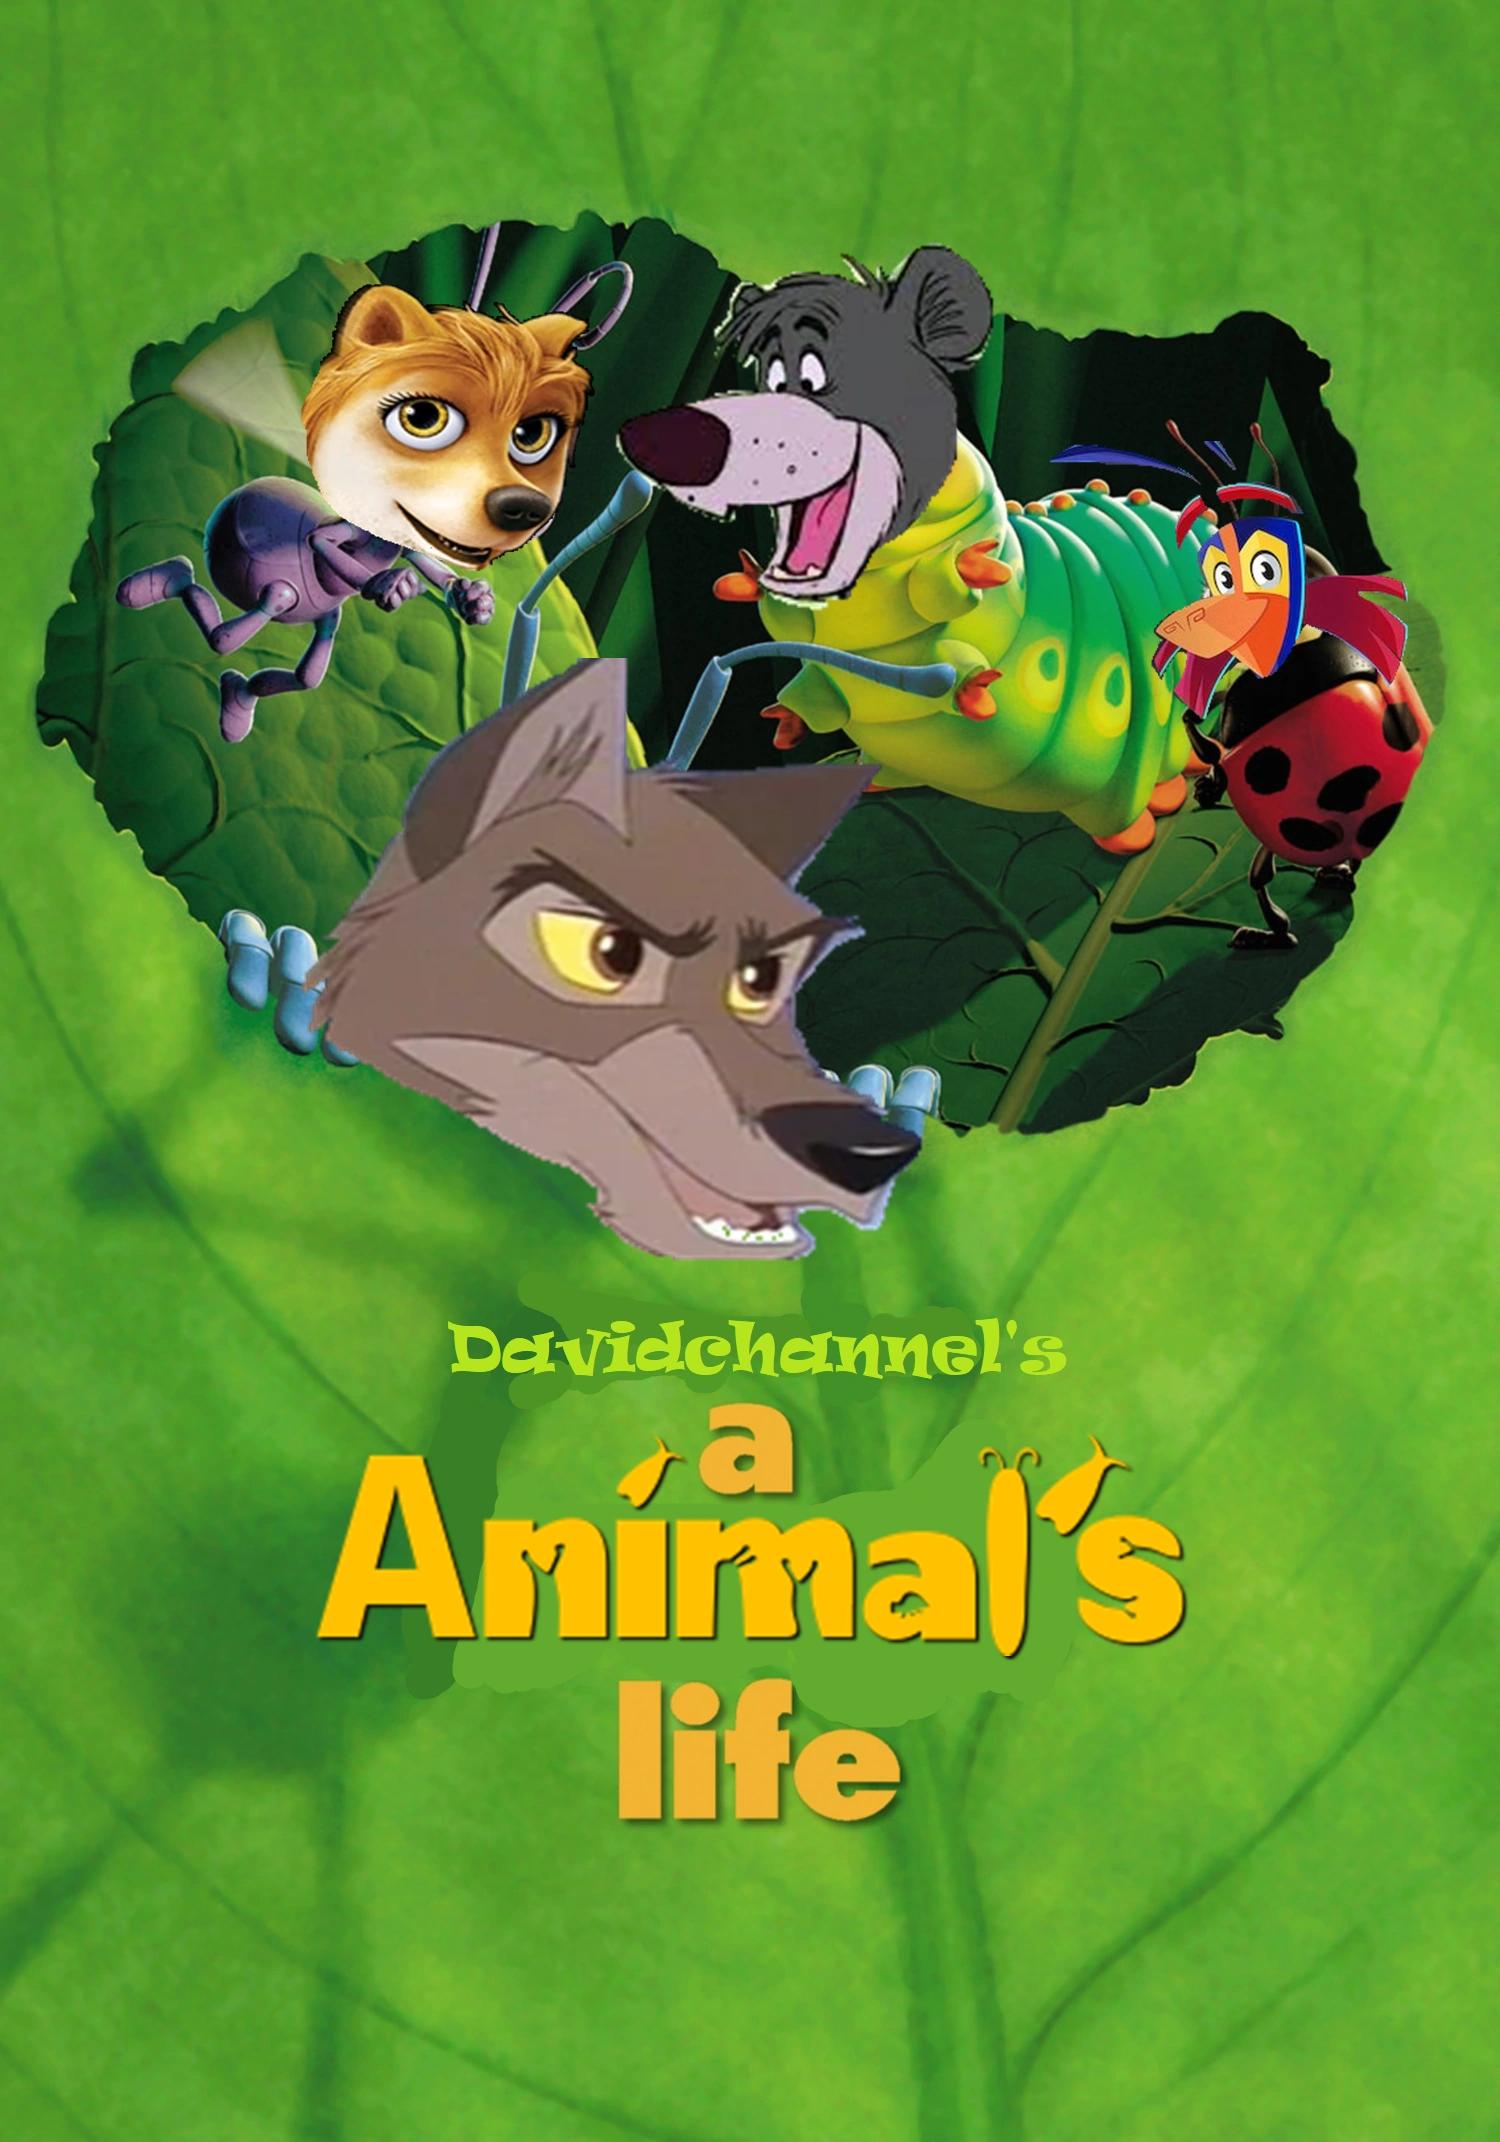 An Animal's Life (1998)